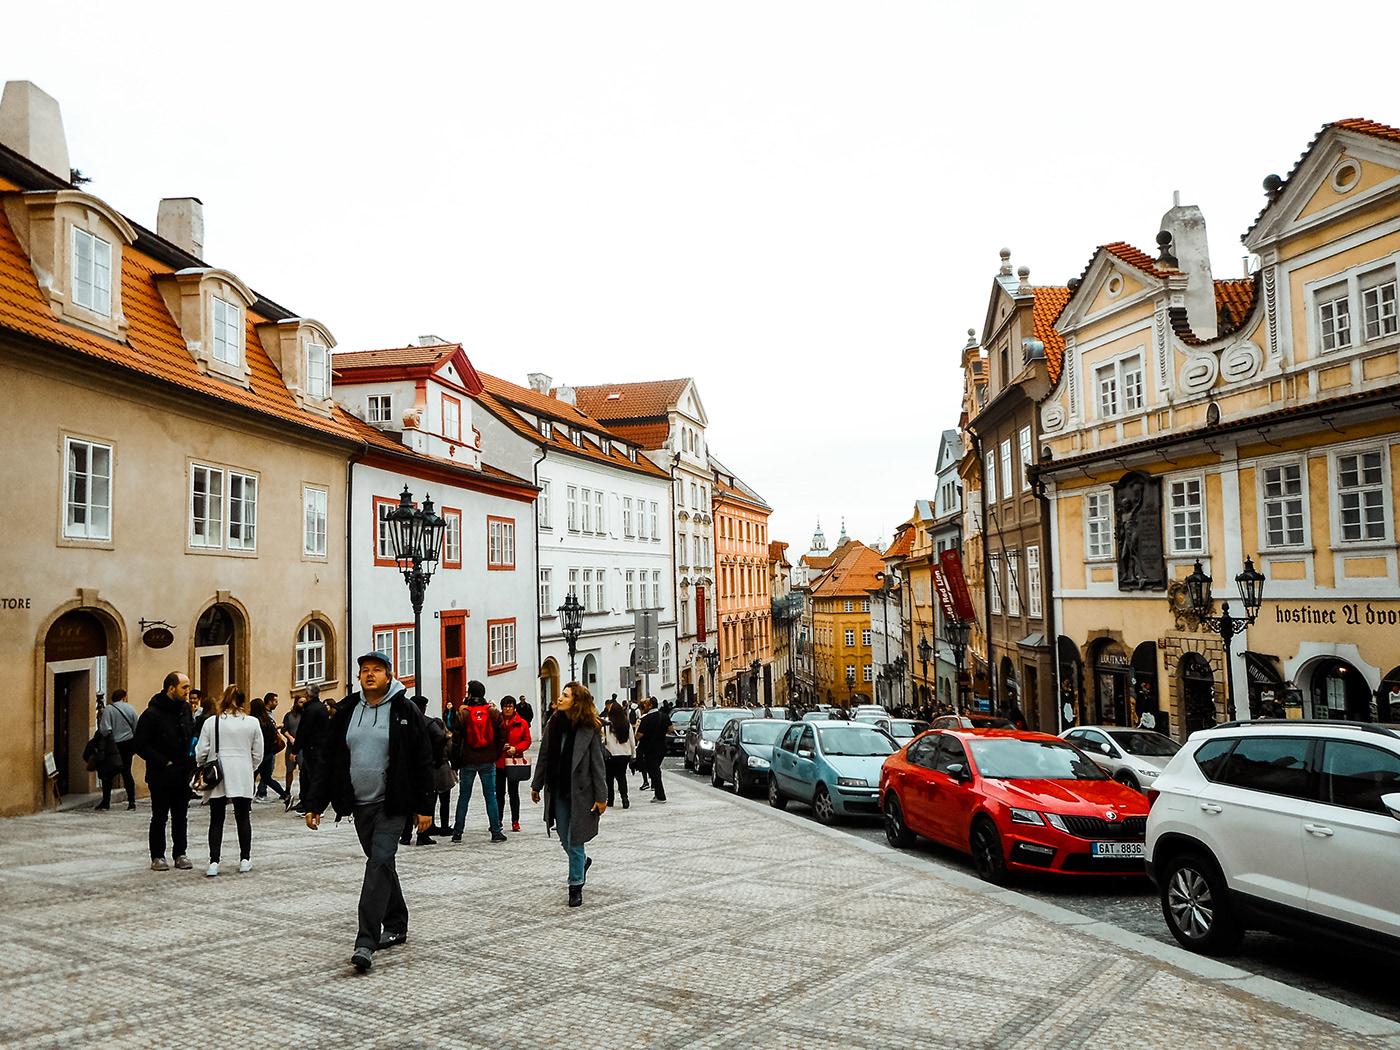 Photo of the streets of Prague by Eleah Ramos - View her portfolio at eleahramos.com